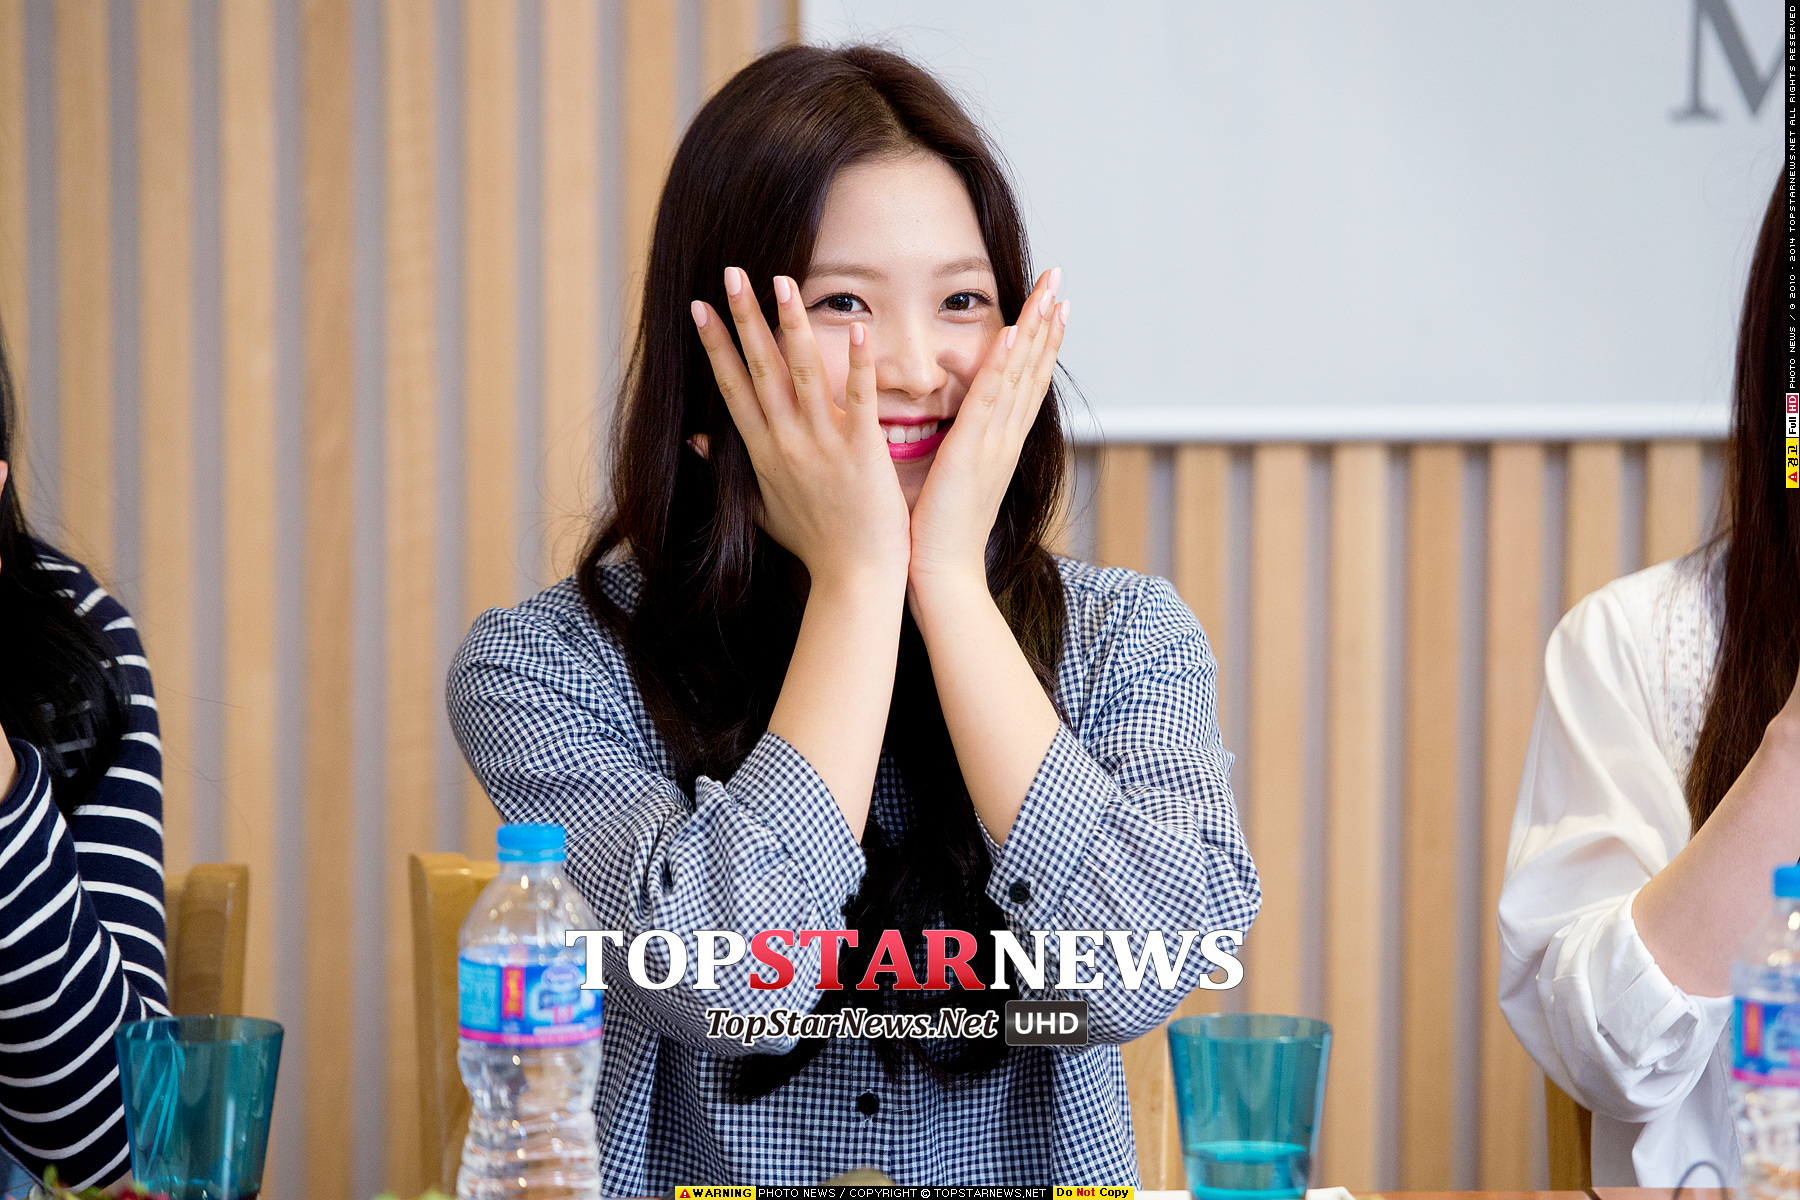 隨著歲月流逝,不知不覺99Line也可以成軍了(?)今天韓國網友列出了七位「99Line可愛鬼女星」,趕快一起來看看吧!(以下順序不代表排名)